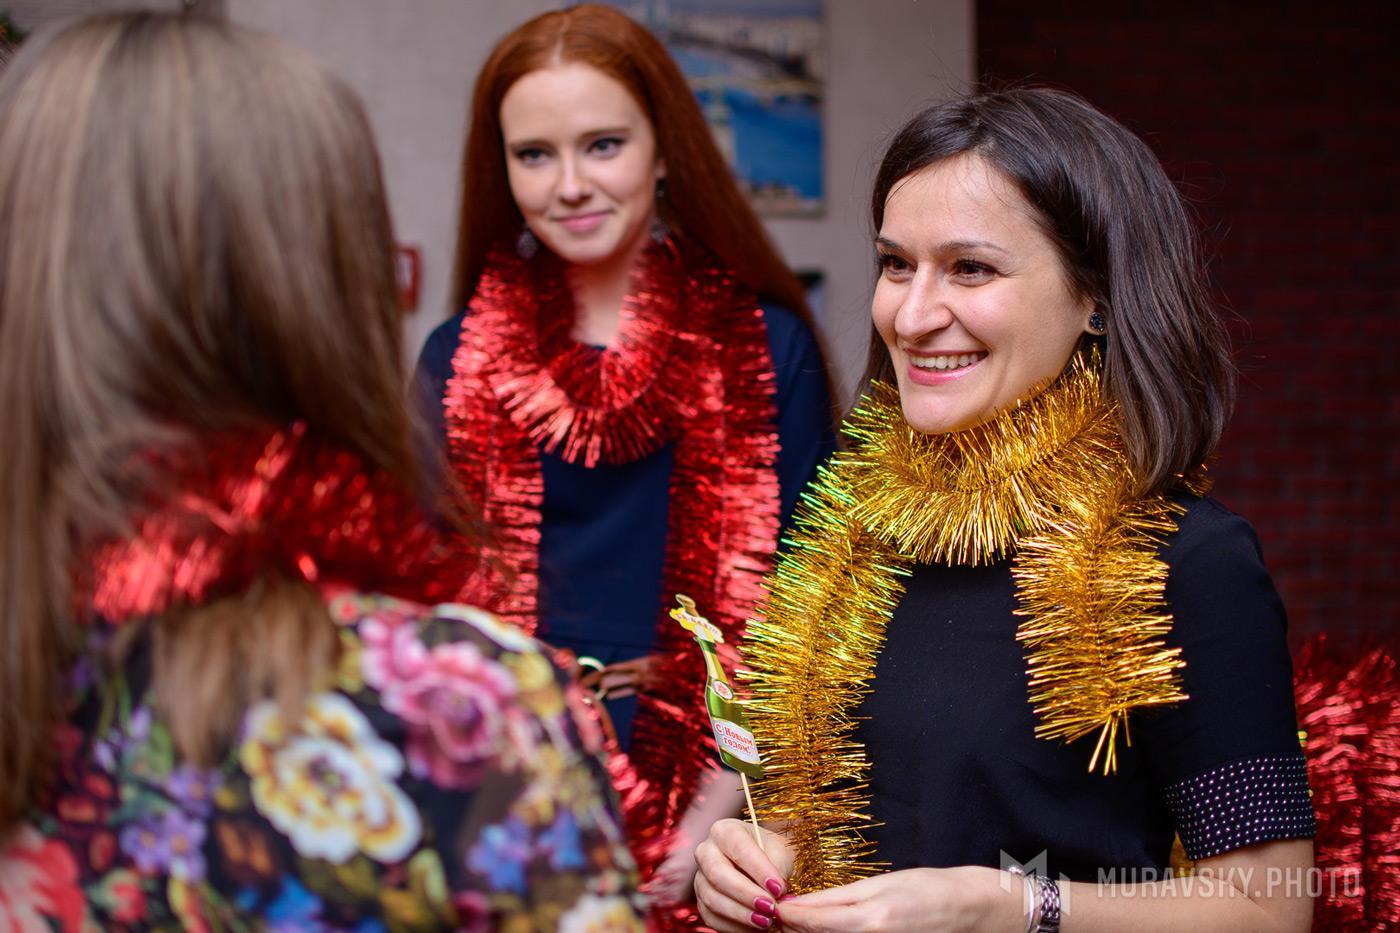 Фотосъемка новогоднего корпоратива 2020. Фотограф на корпоратив